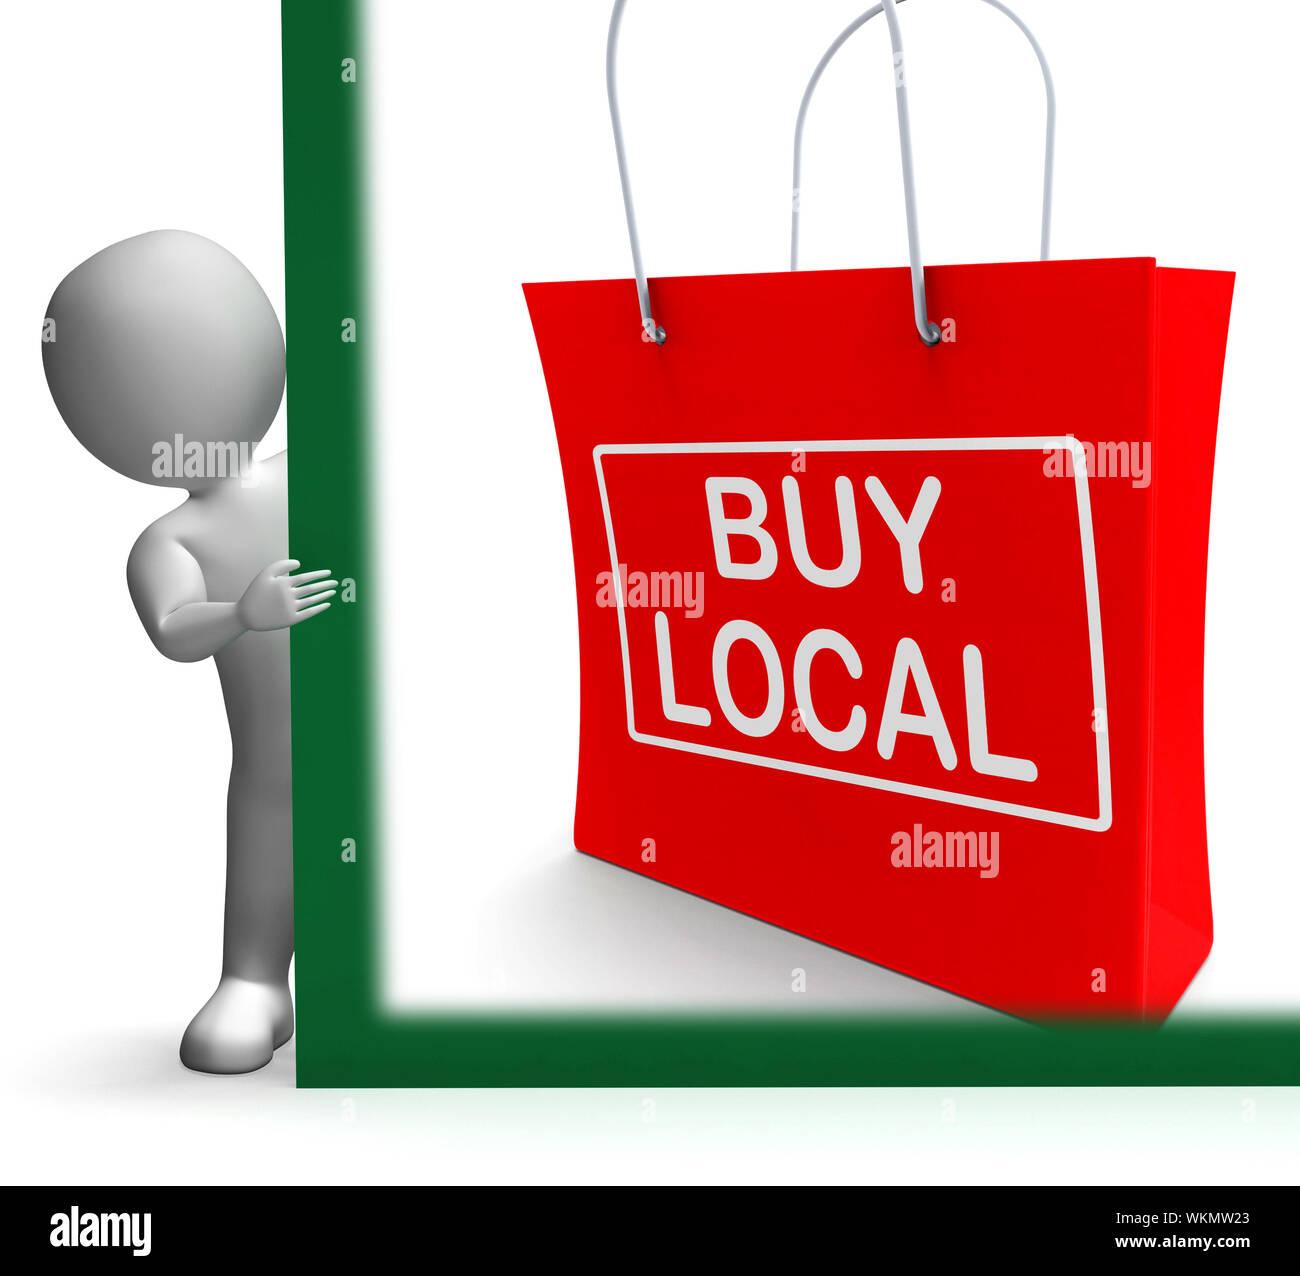 Comprar Local Shopping Bag mostrando comprar comercio cercano Foto de stock